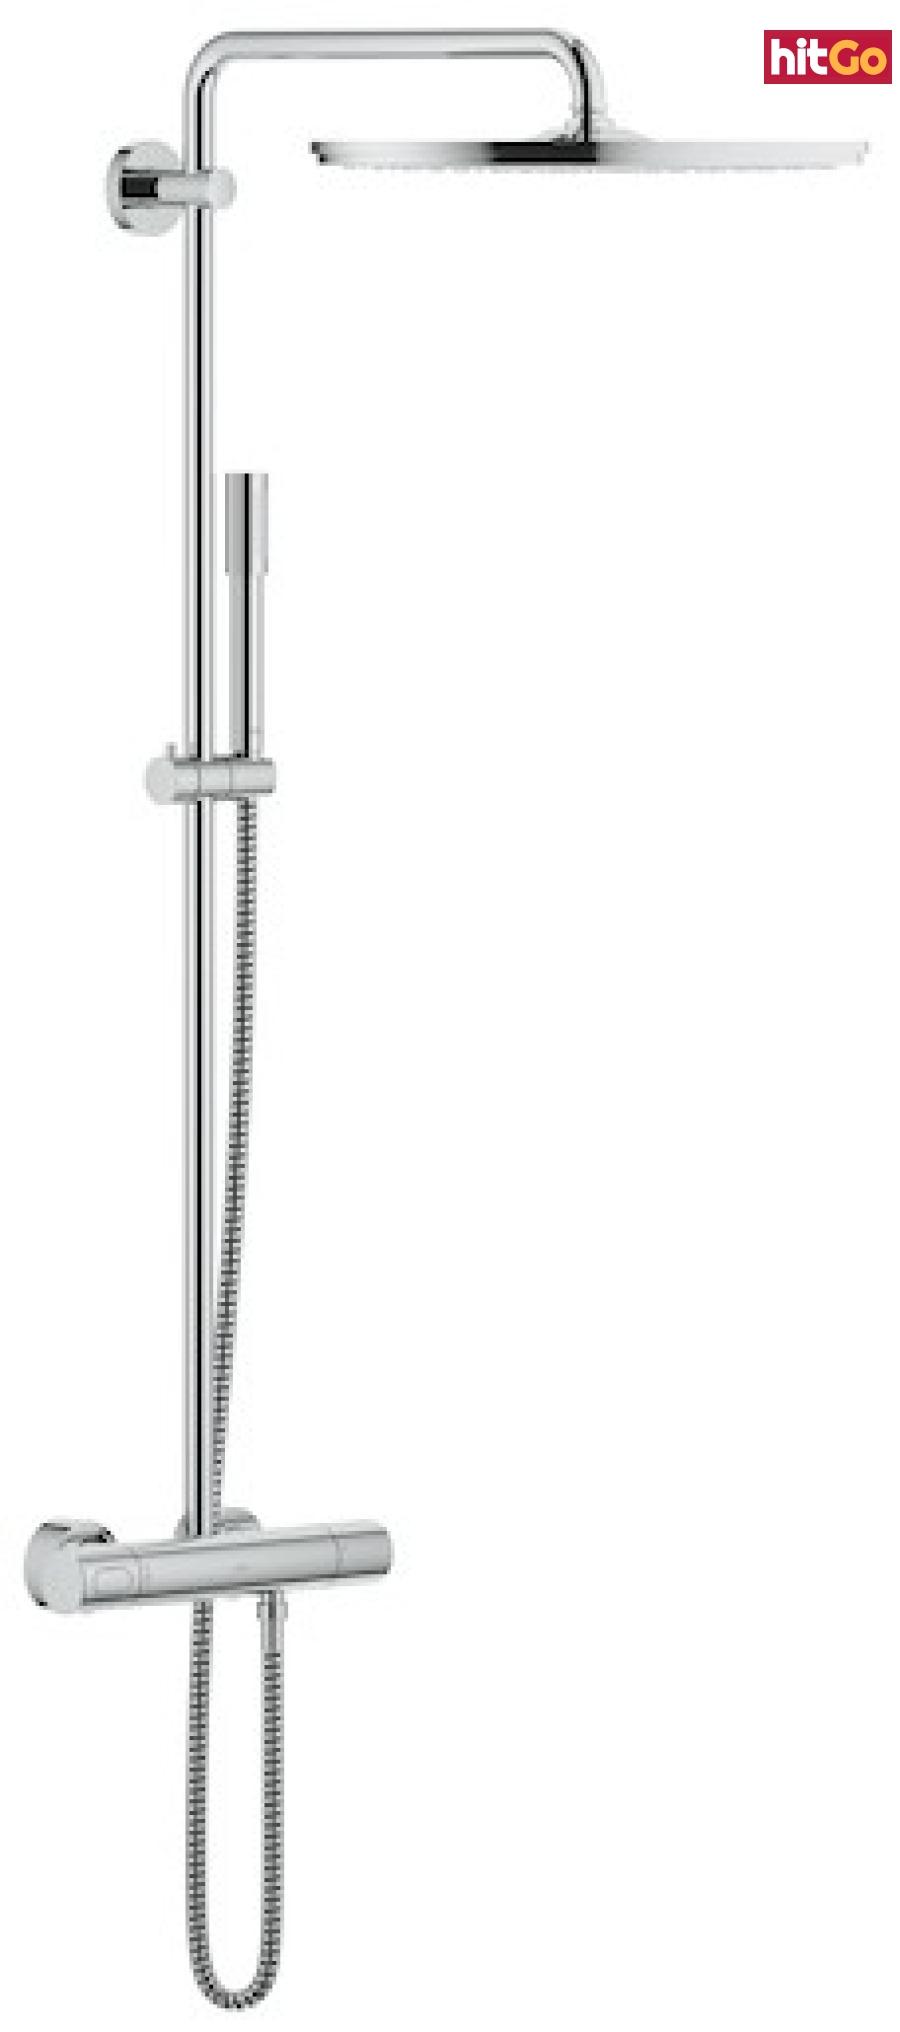 Sprchový systém Grohe Rainshower System s termostatickou baterií chrom 27174001 chrom chrom